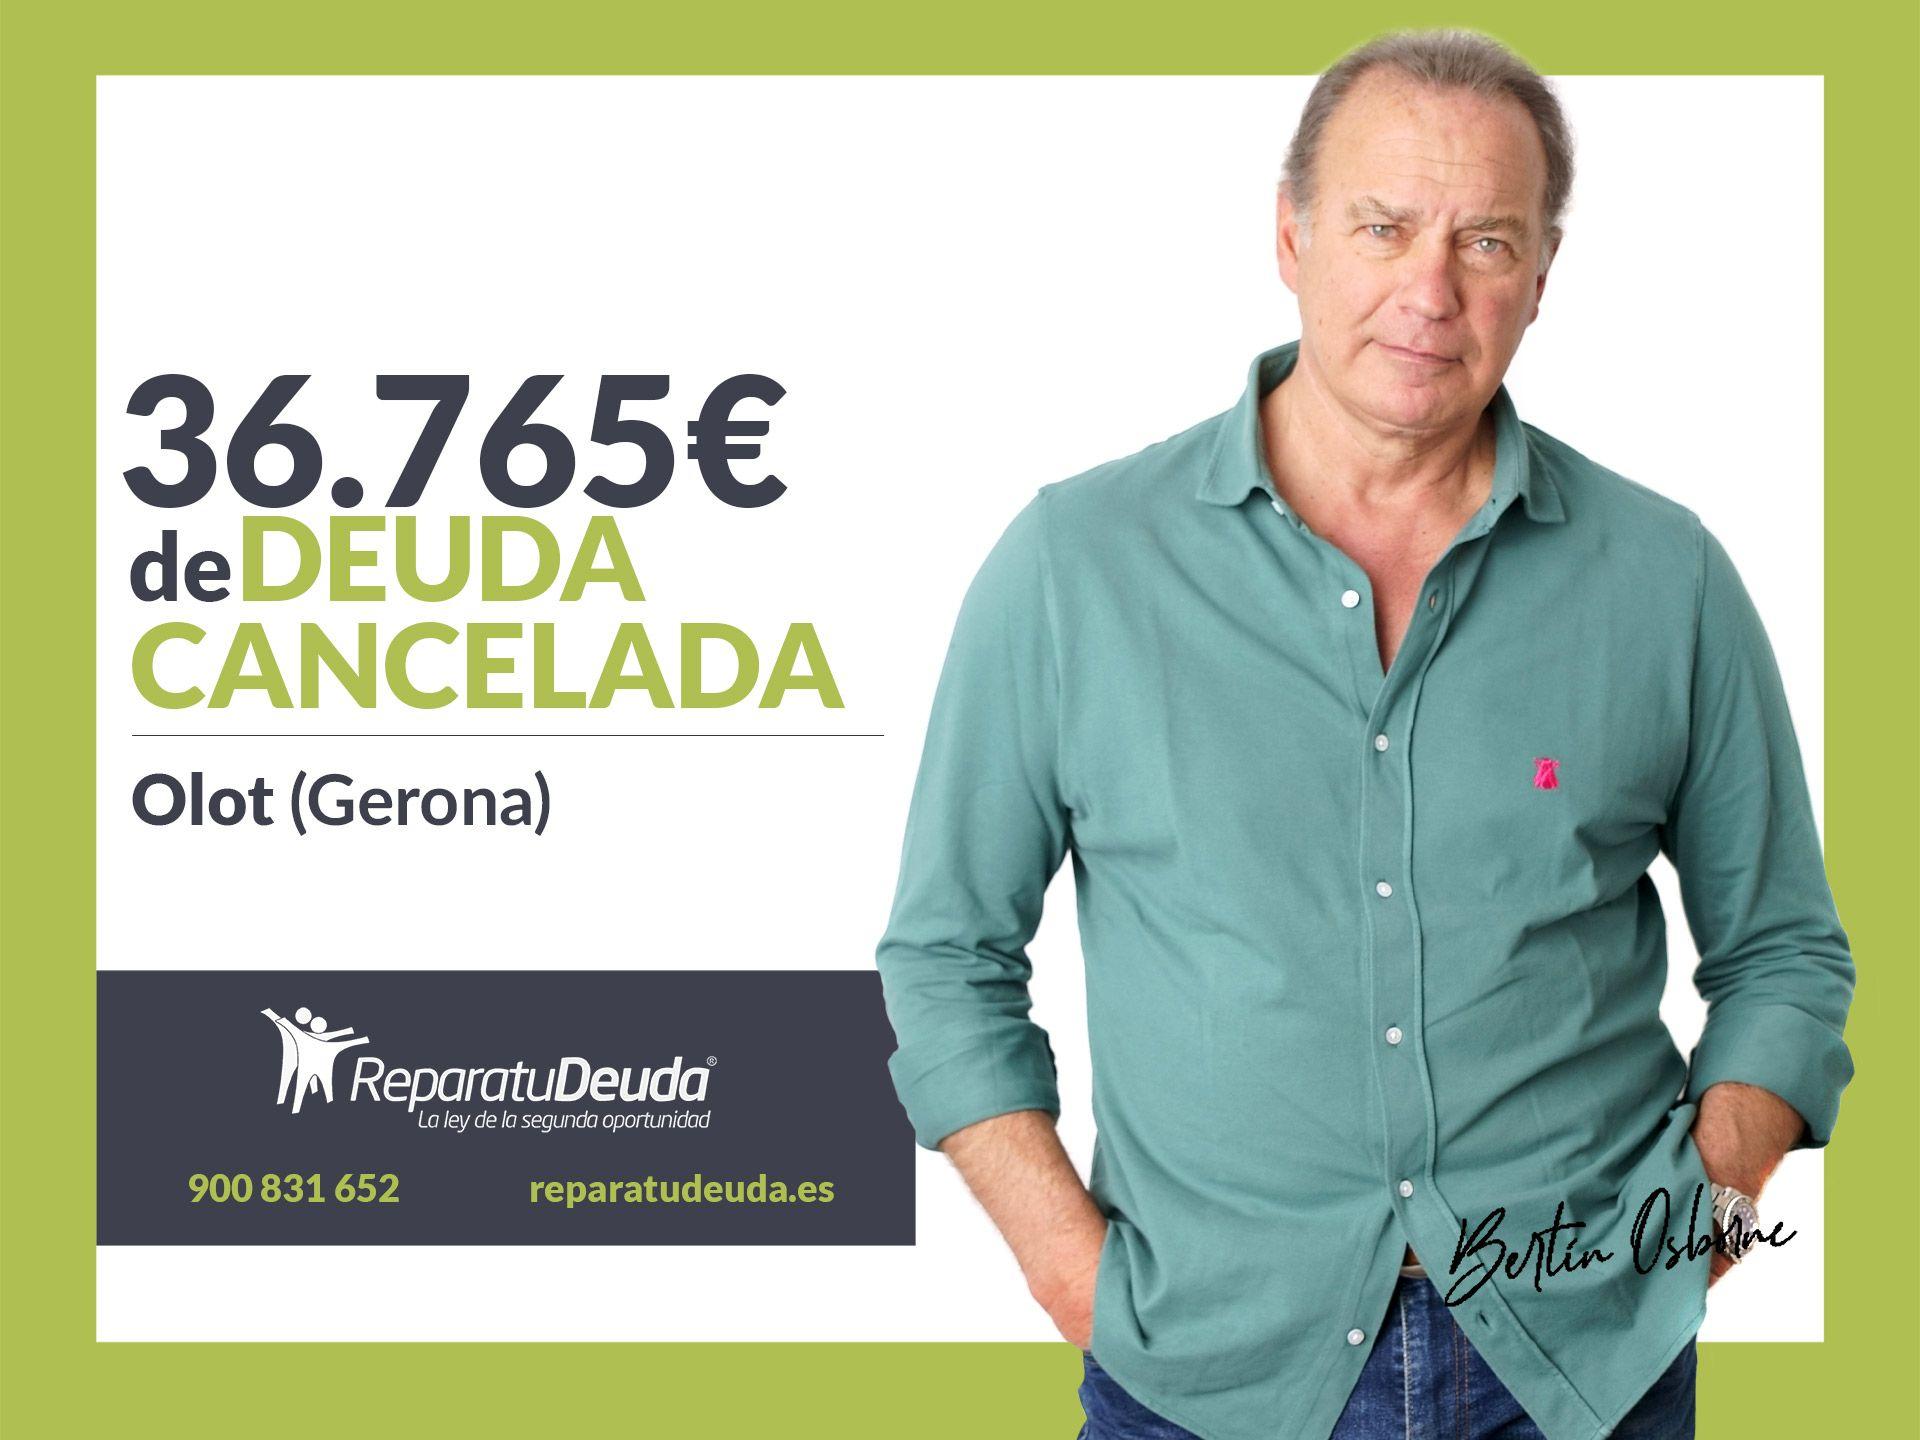 Repara tu Deuda abogados cancela 36.765? en Olot (Girona) con la Ley de Segunda Oportunidad